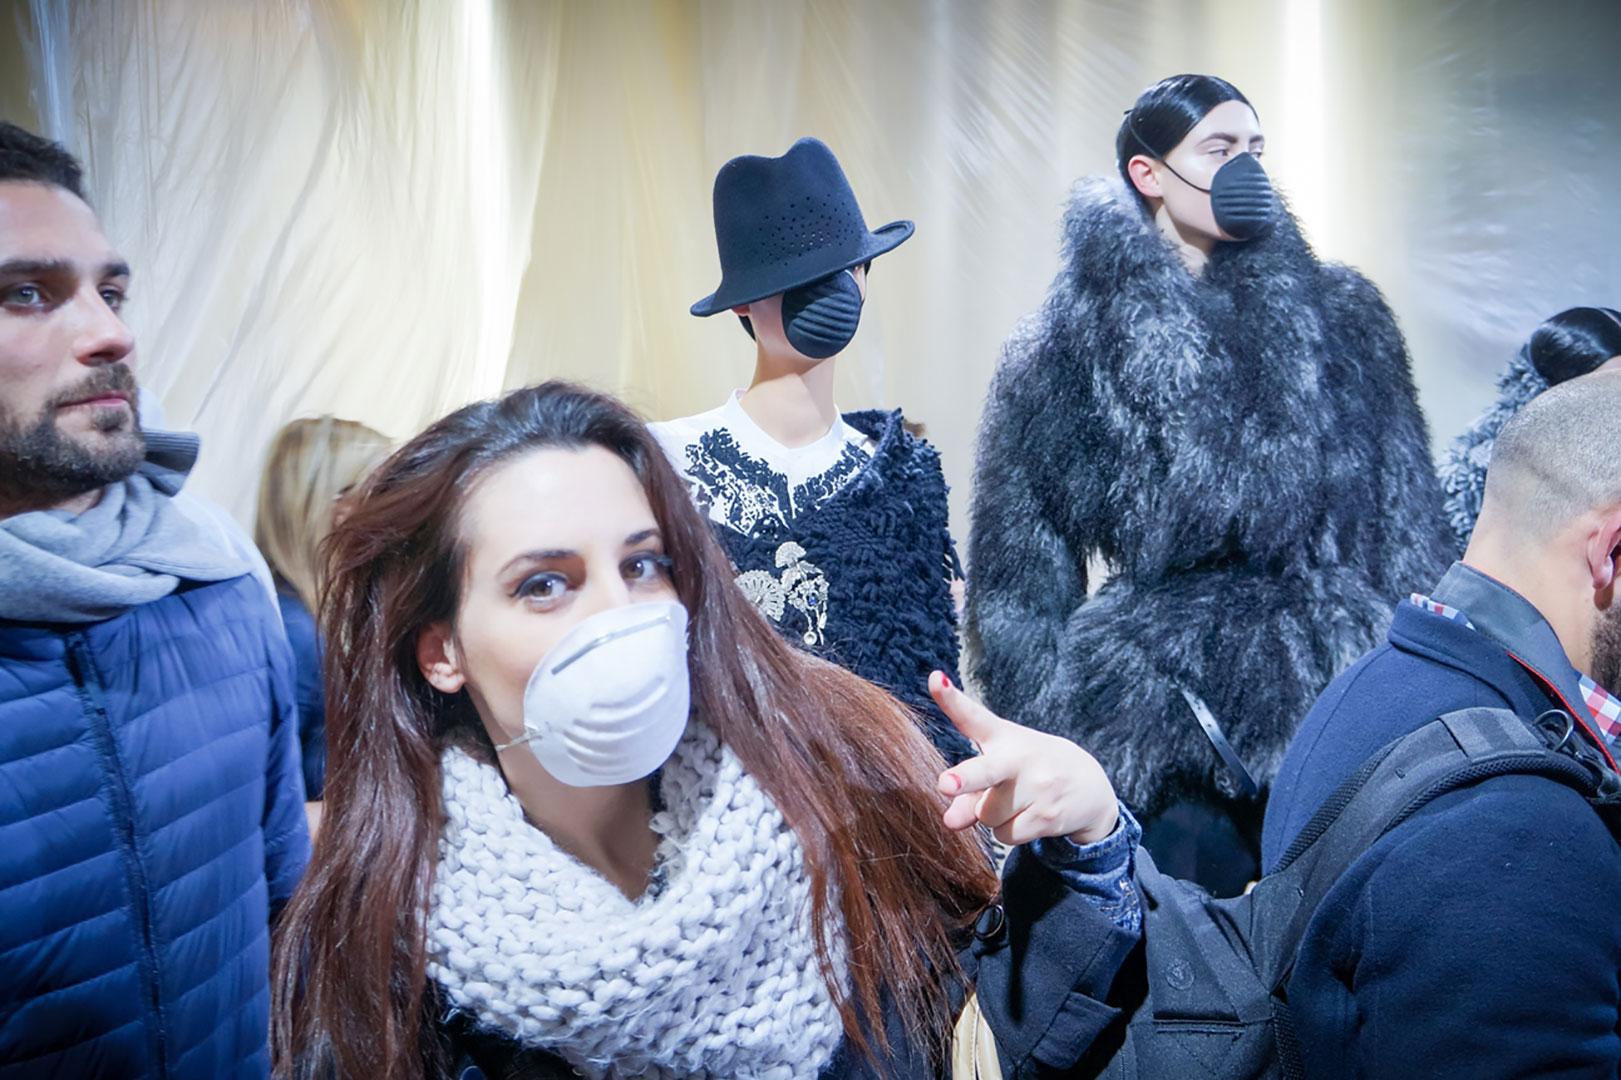 paris-fashion-week-vandevorst-fw16-photo-by-polina-paraskevopoulou-la-vie-en-blog-paris-41